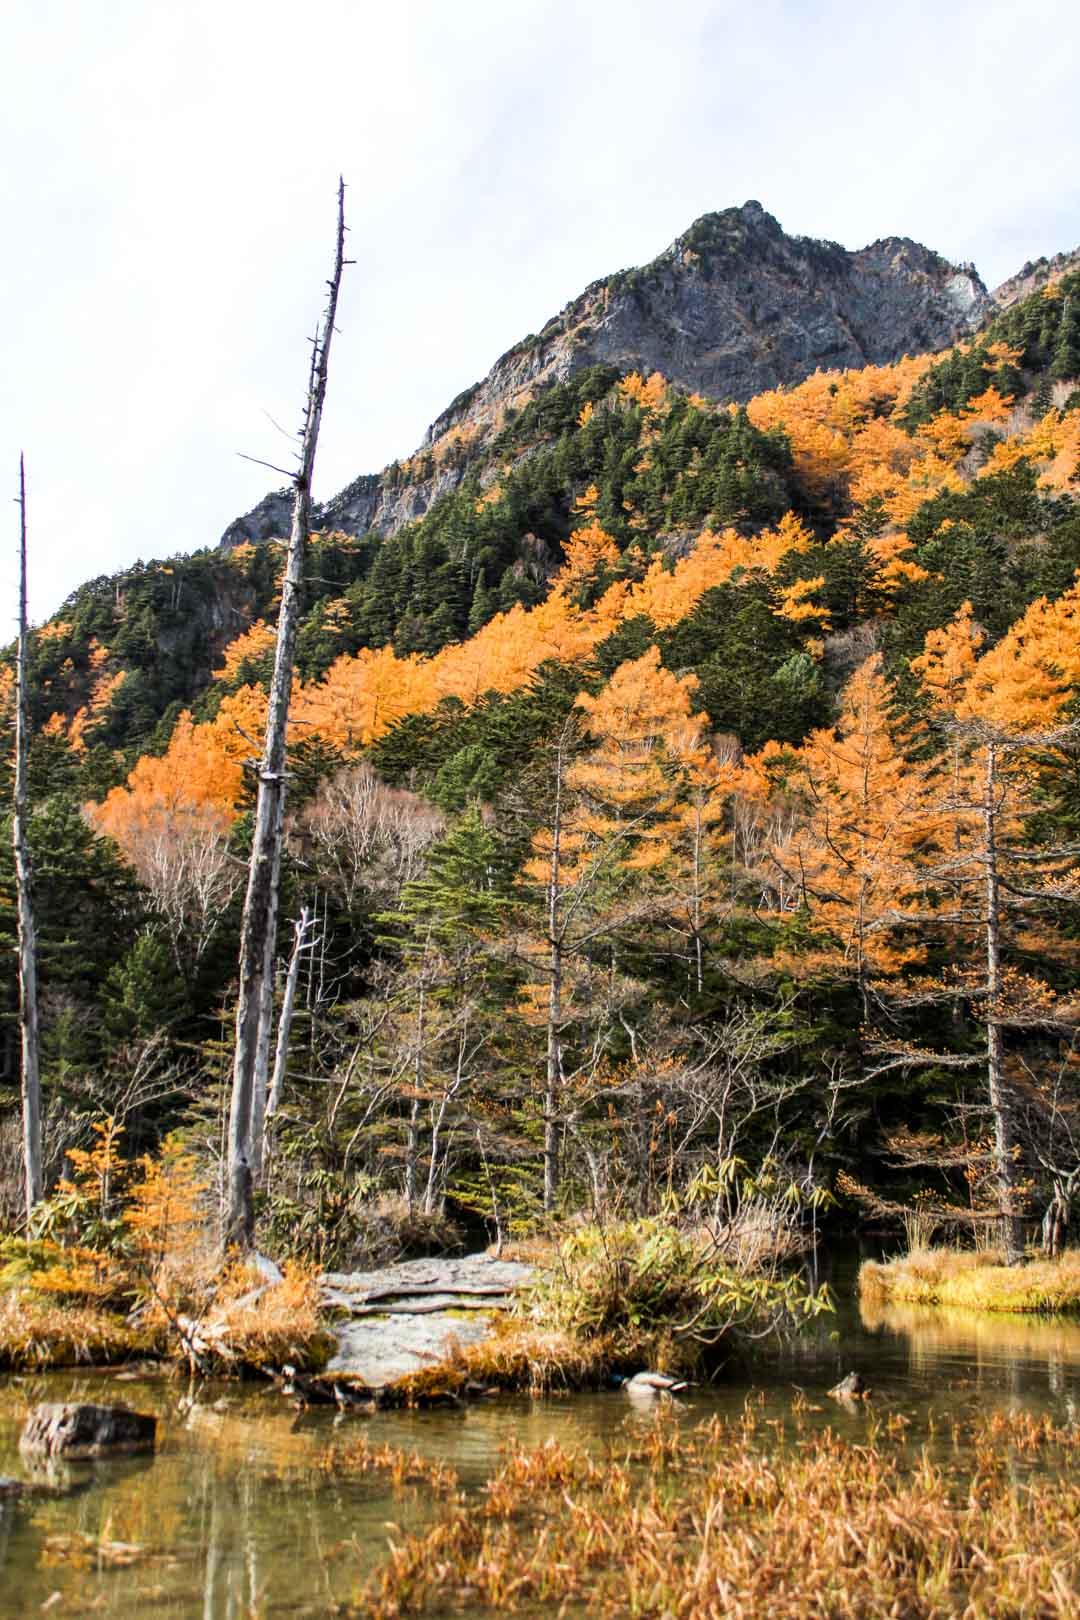 patikoimassa Kamikochissa Japanin Alpeilla